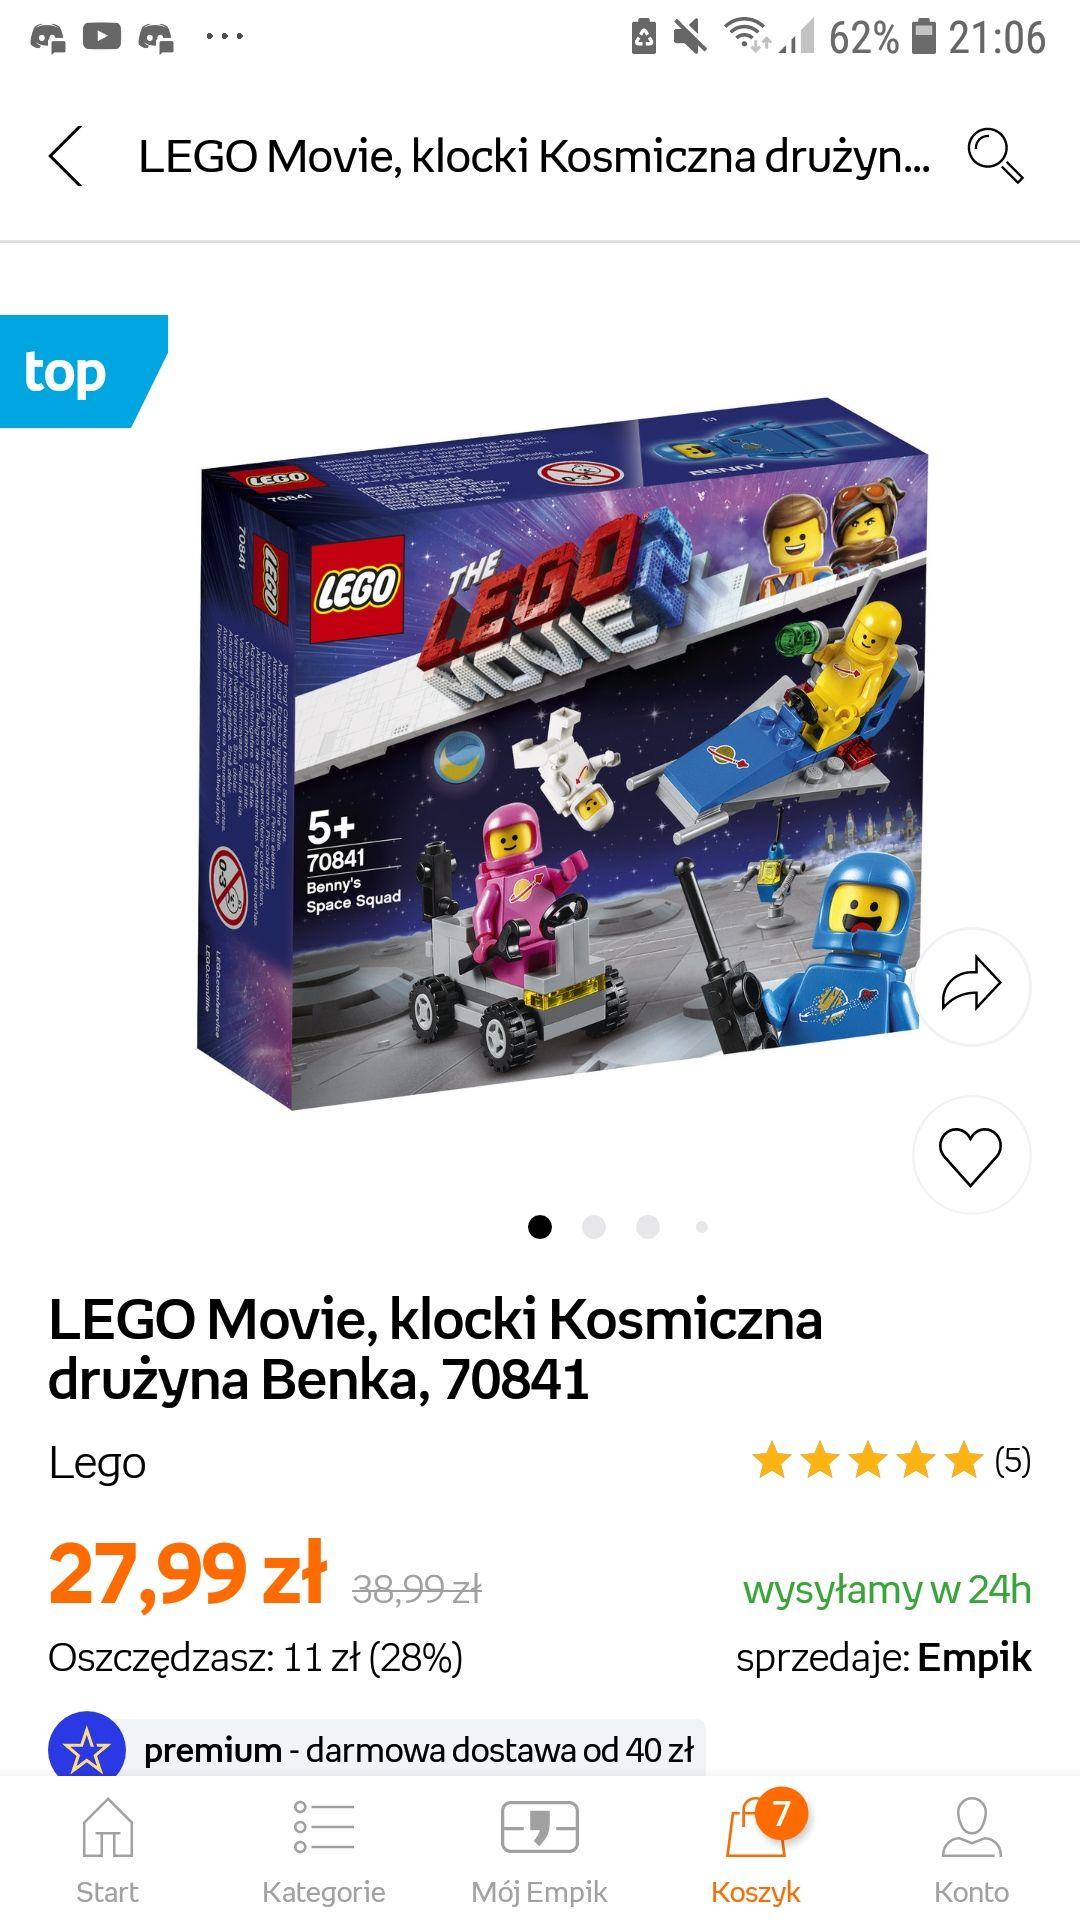 LEGO Movie, klocki Kosmiczna drużyna Benka, 70841